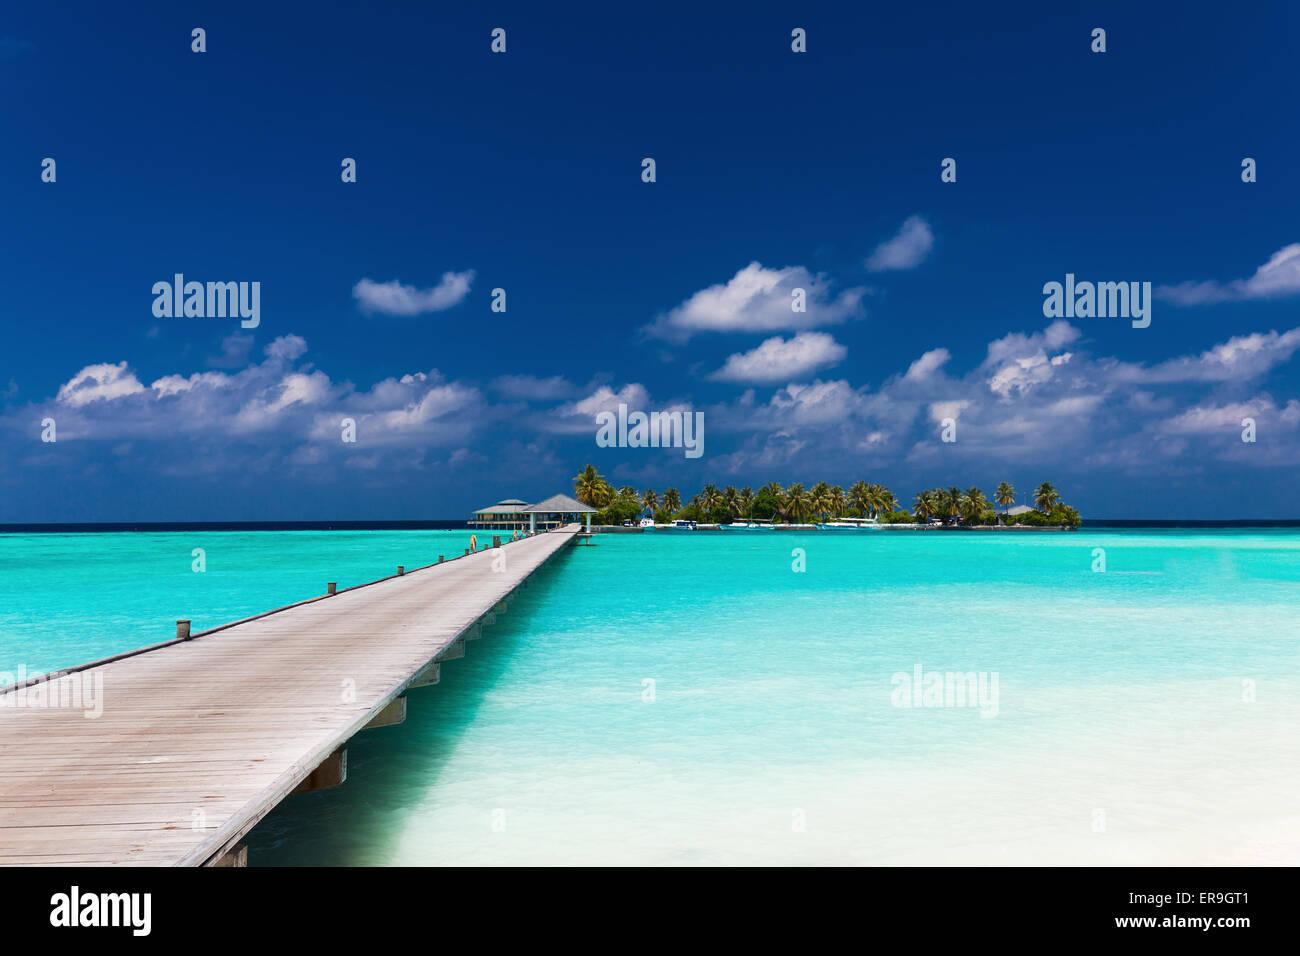 Muelle de madera a una isla tropical más impresionante laguna en Maldivas Imagen De Stock